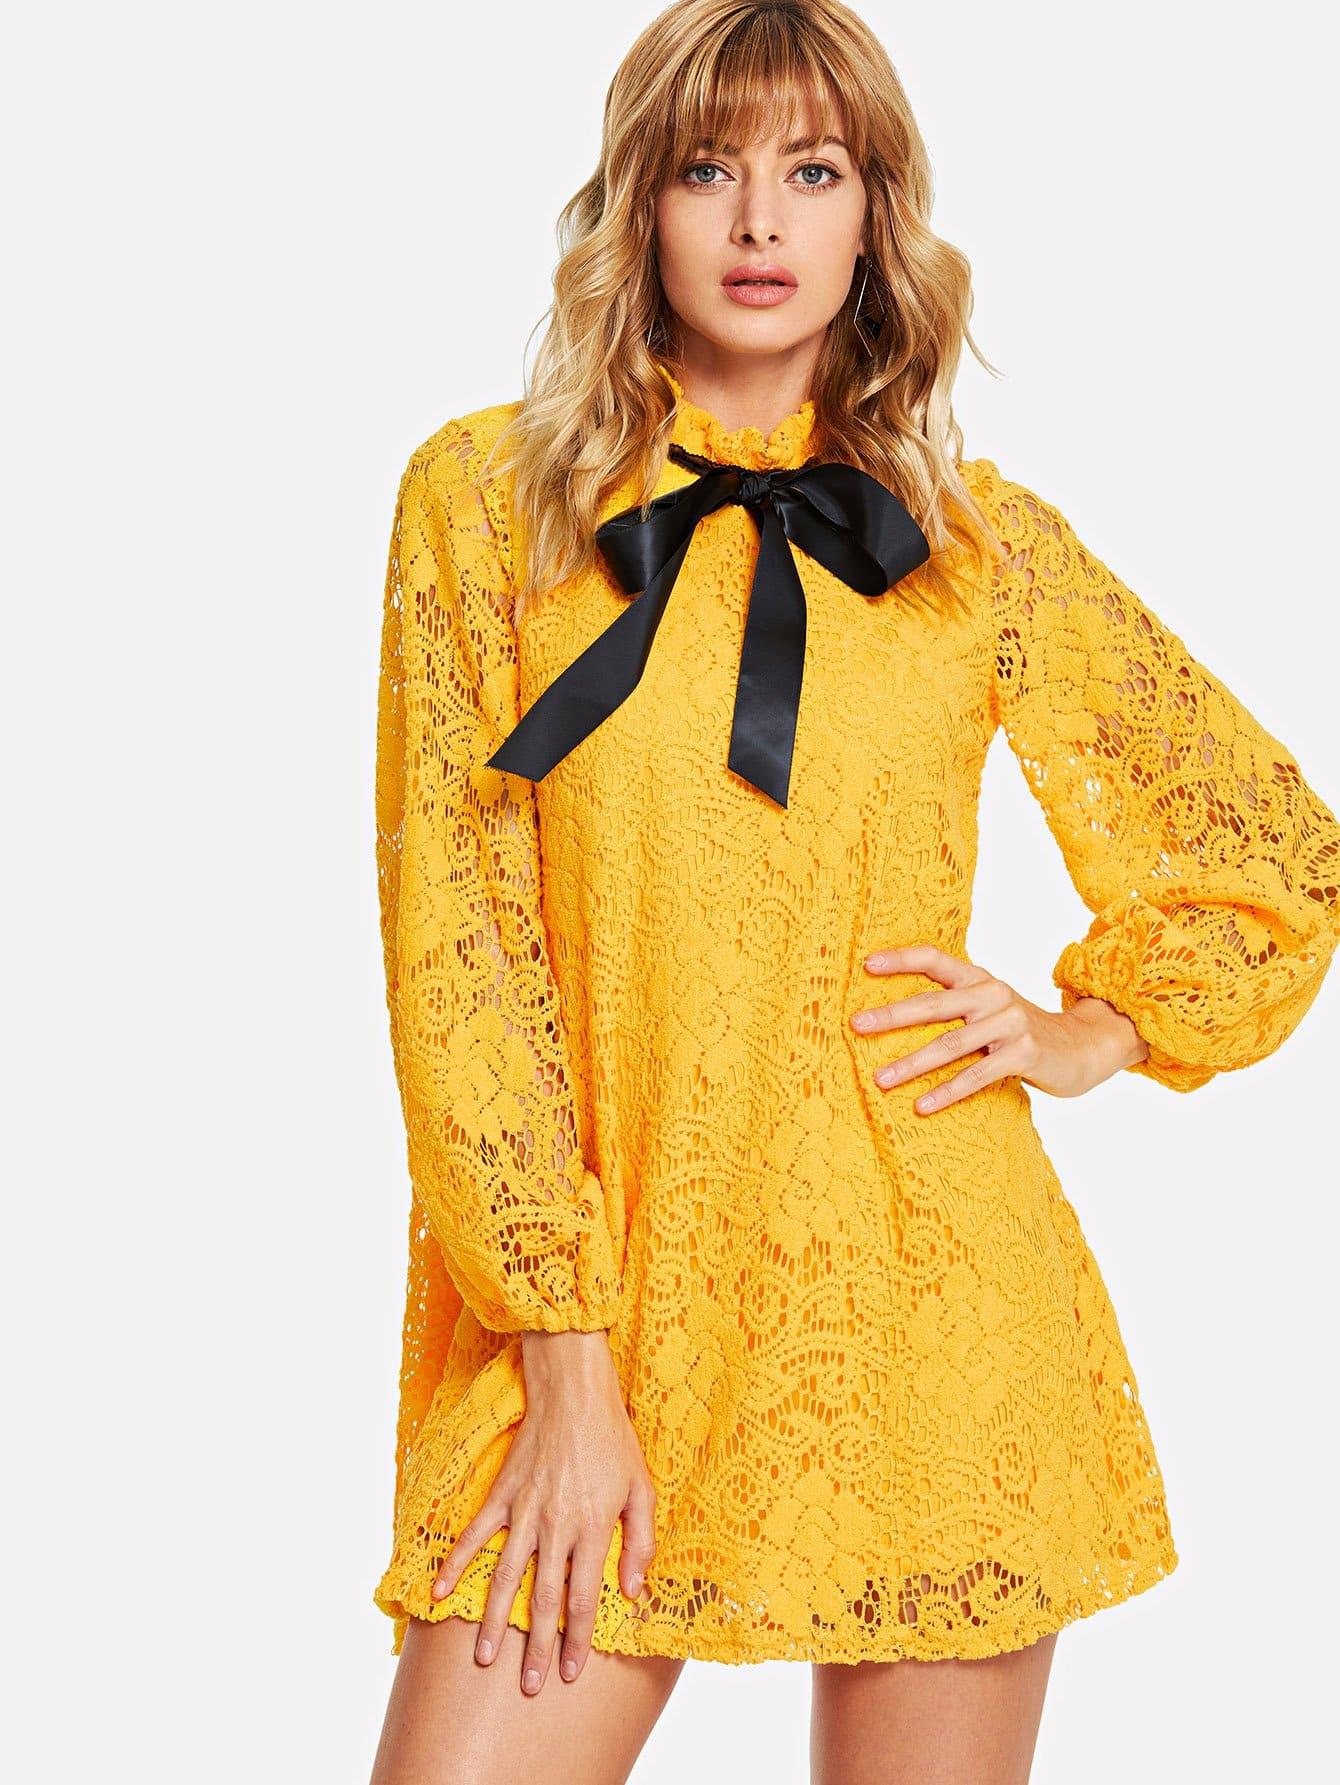 Купить Фонарь втулки цветок кружево наложение Ruffle связали платье шеи, Masha, SheIn